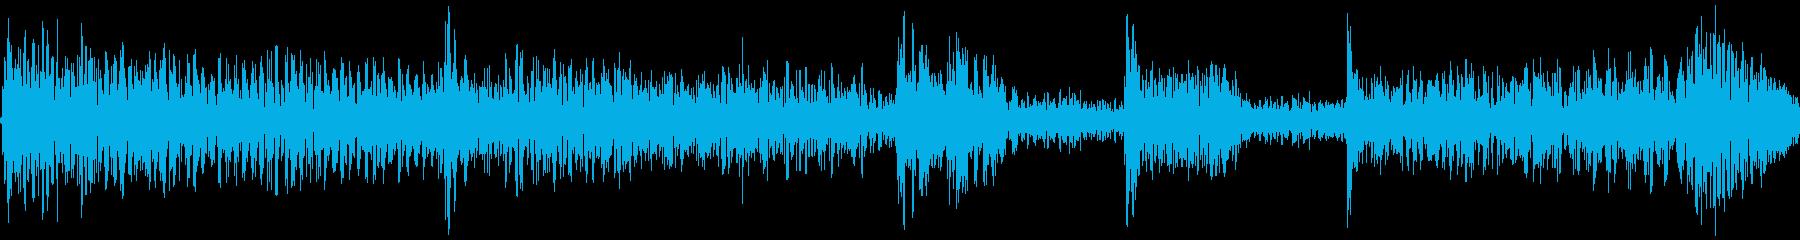 低音がどっしりとしていて重みがあるの再生済みの波形